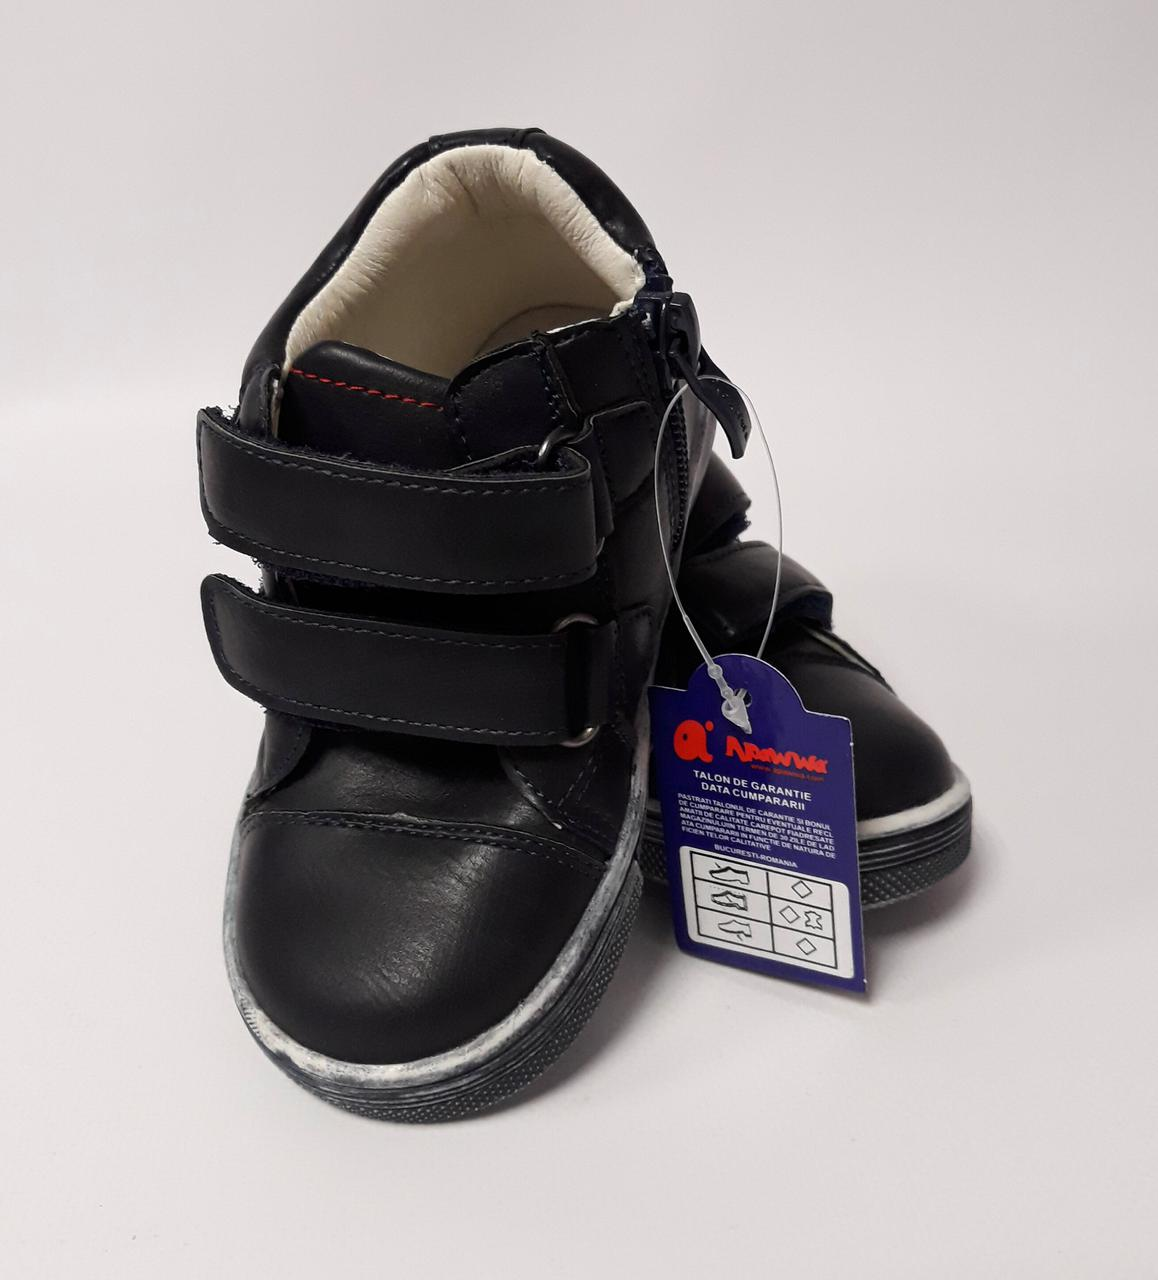 Ботинки для мальчиков Размер 21 Синий Н49(21) Apawwa Румыния